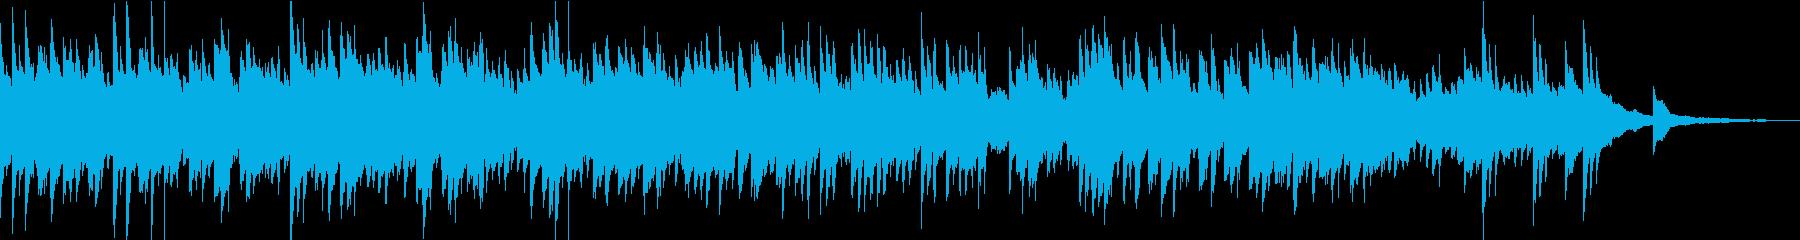 企業VPや映像にわくわくポップピアノソロの再生済みの波形